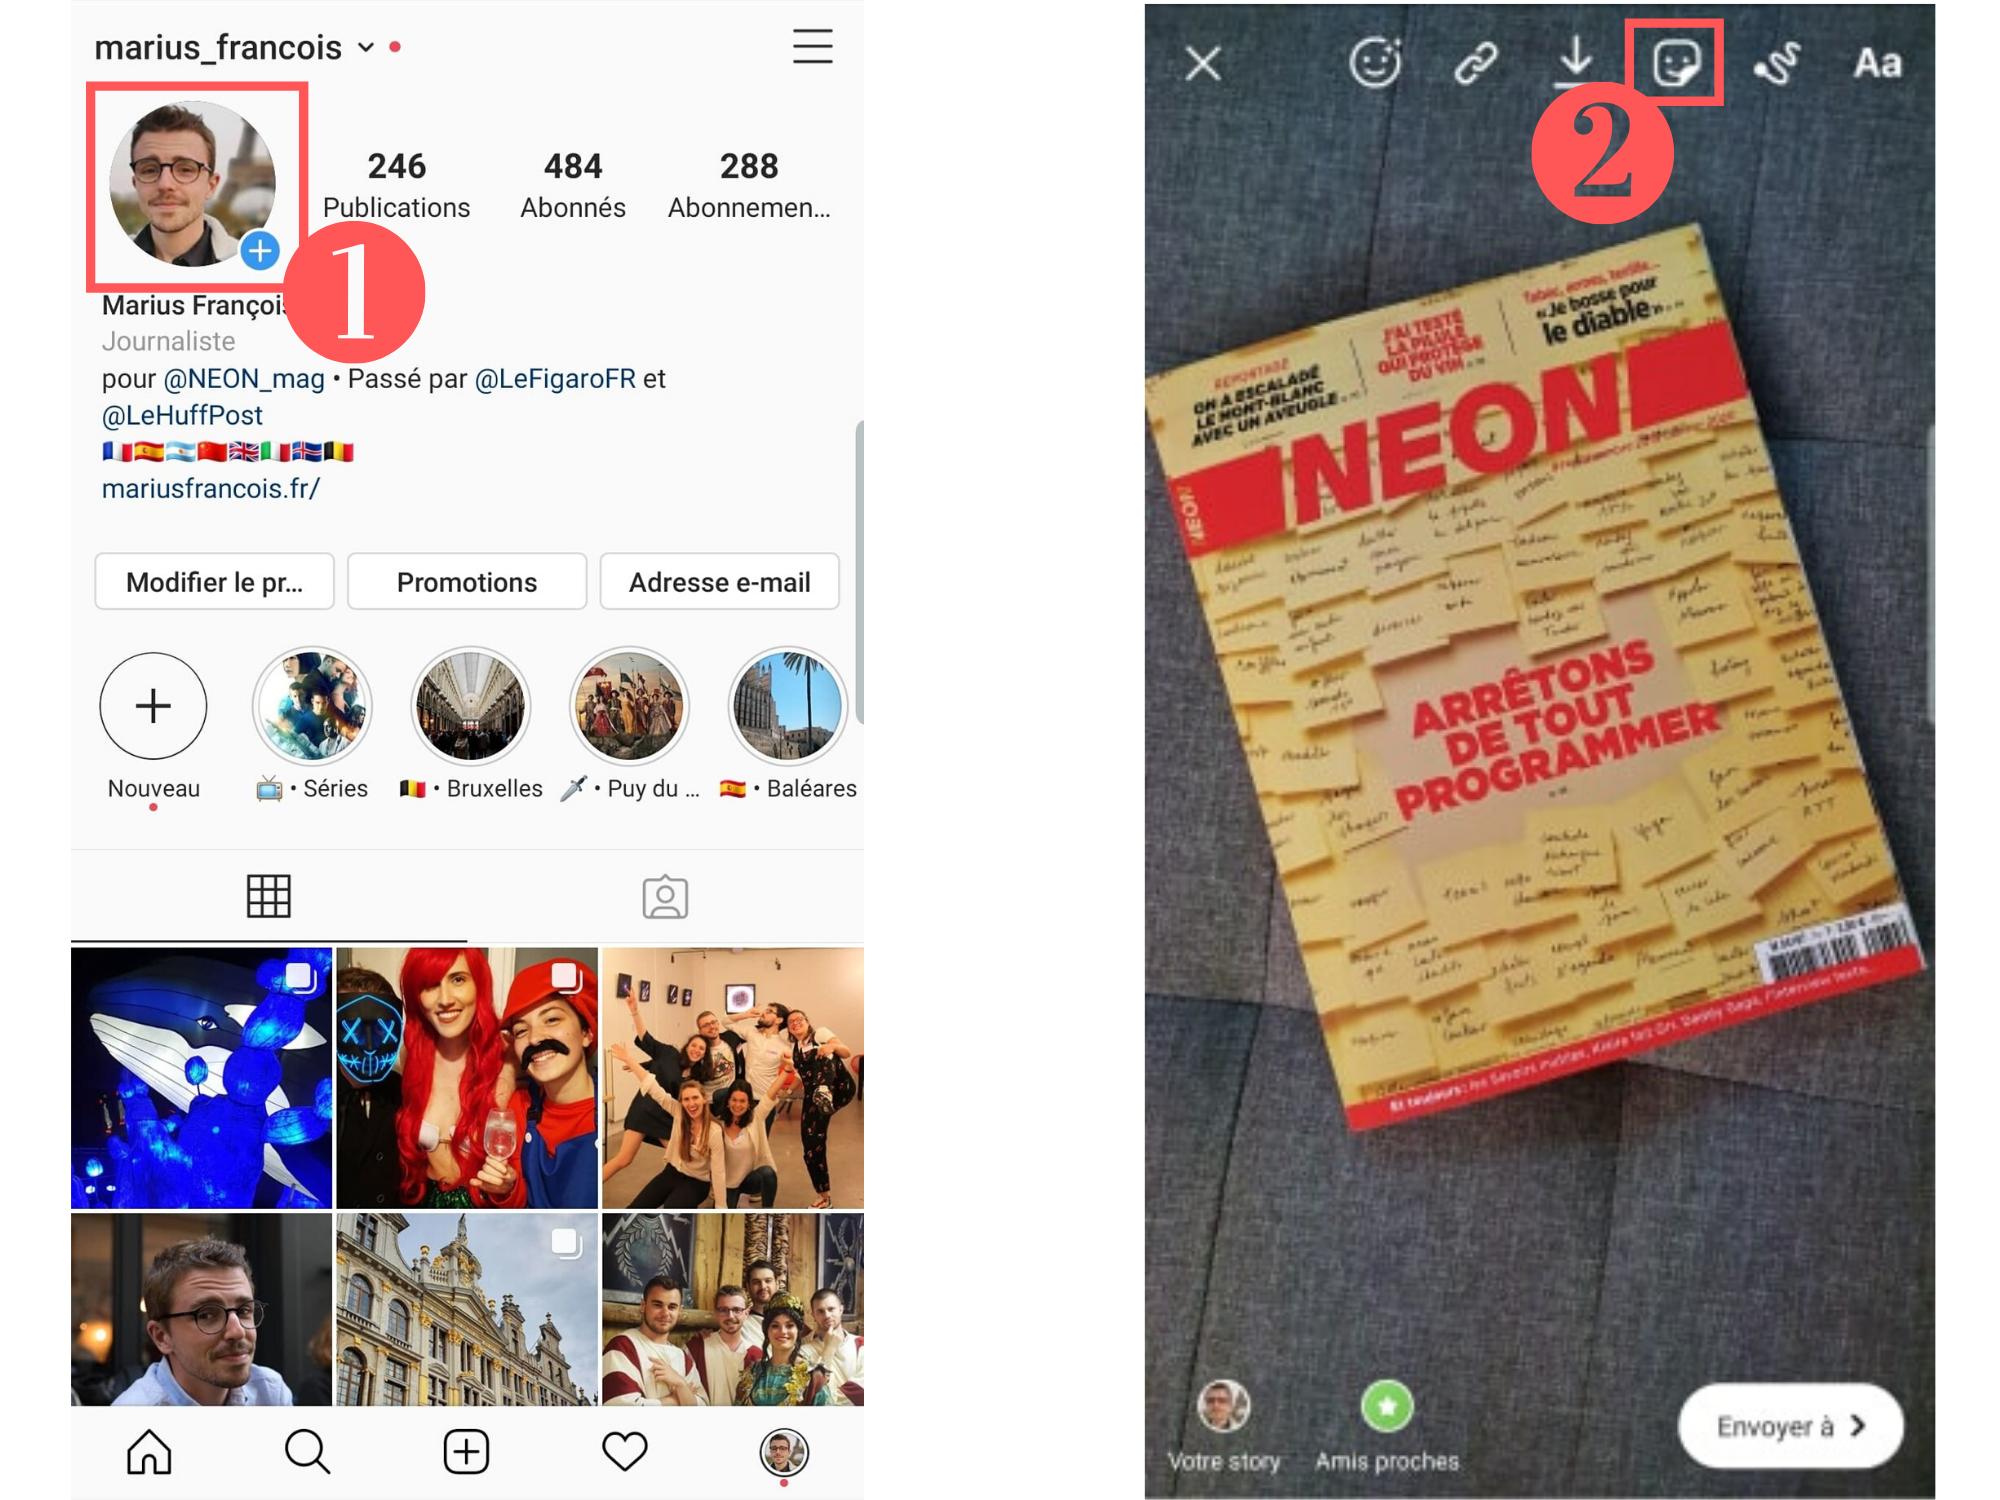 Instagram : Comment Mettre De La Musique Sur Une Story ? - Neon à Retrouver Une Musique Avec Parole